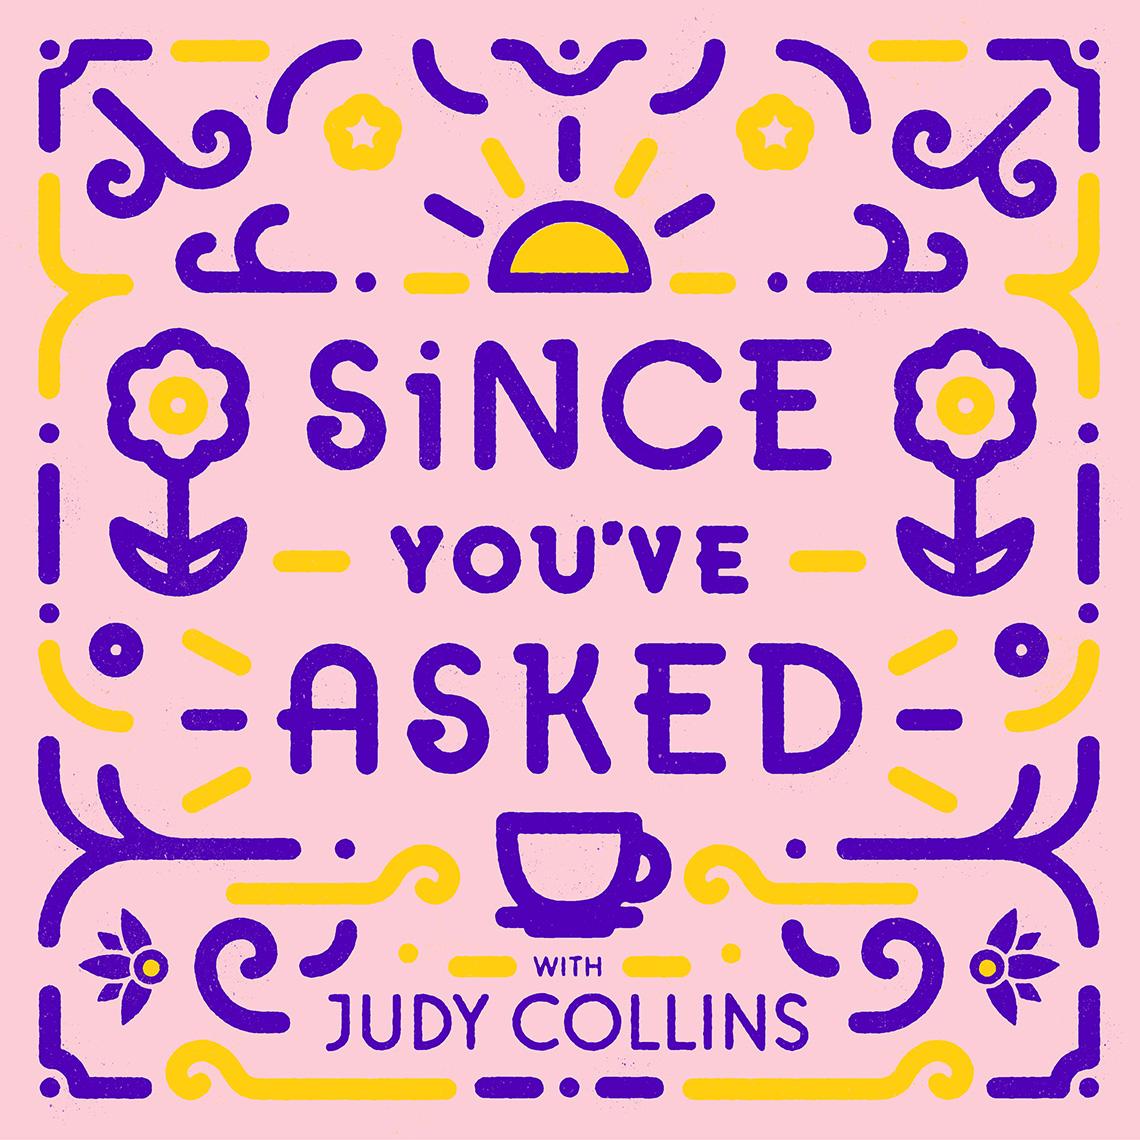 """Arte de portada para la serie de pódcasts de Judy Collins """"Since You've Asked""""."""